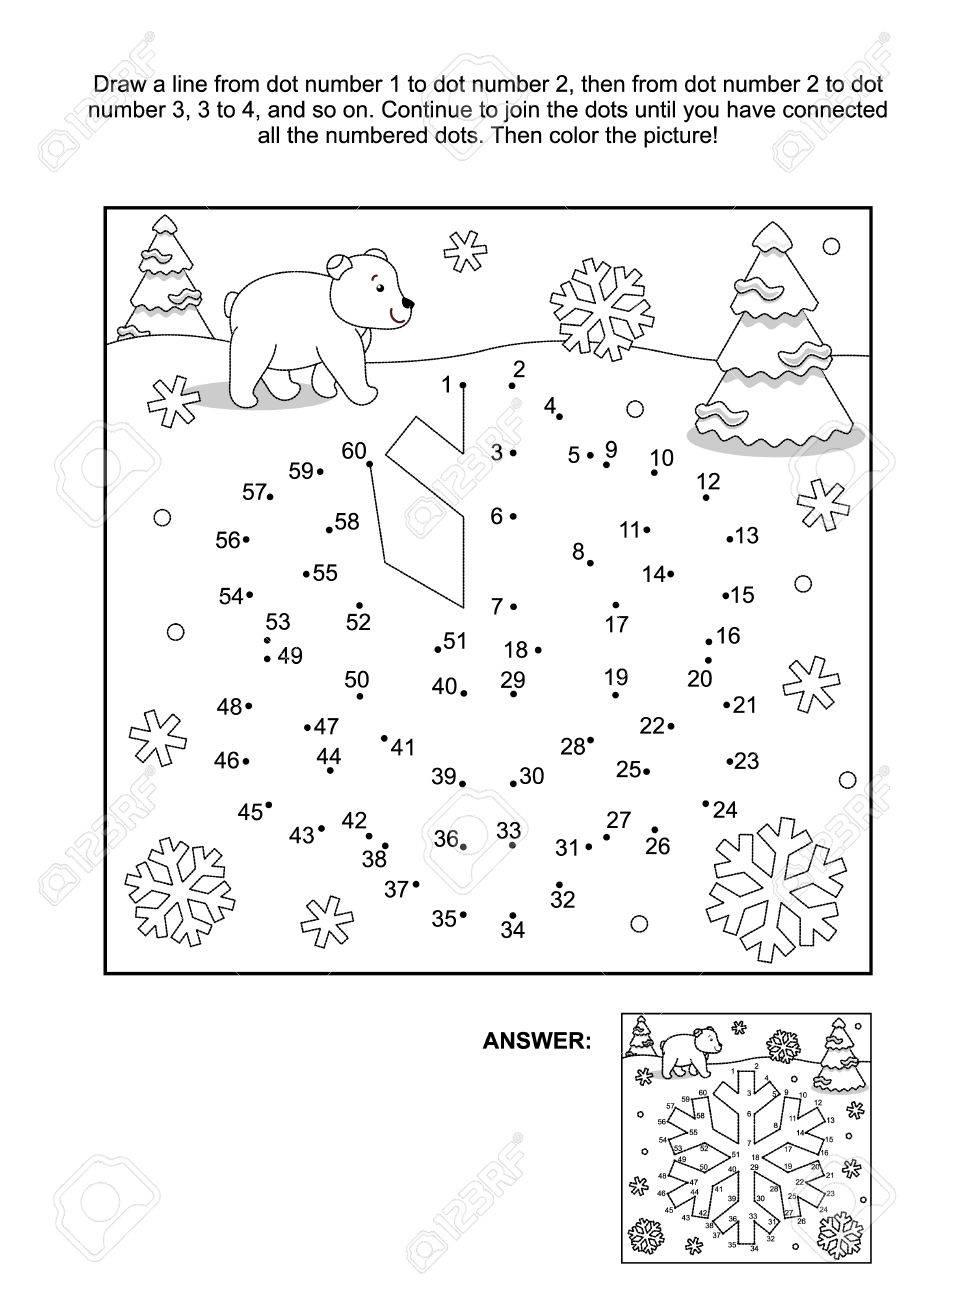 Kleurplaten Nieuwjaar En Kerstmis.Winter Nieuwjaar Of Kerstmis Thema Verbind De Punten Foto Puzzel En Kleurplaat Sneeuwvlok Antwoord Inbegrepen